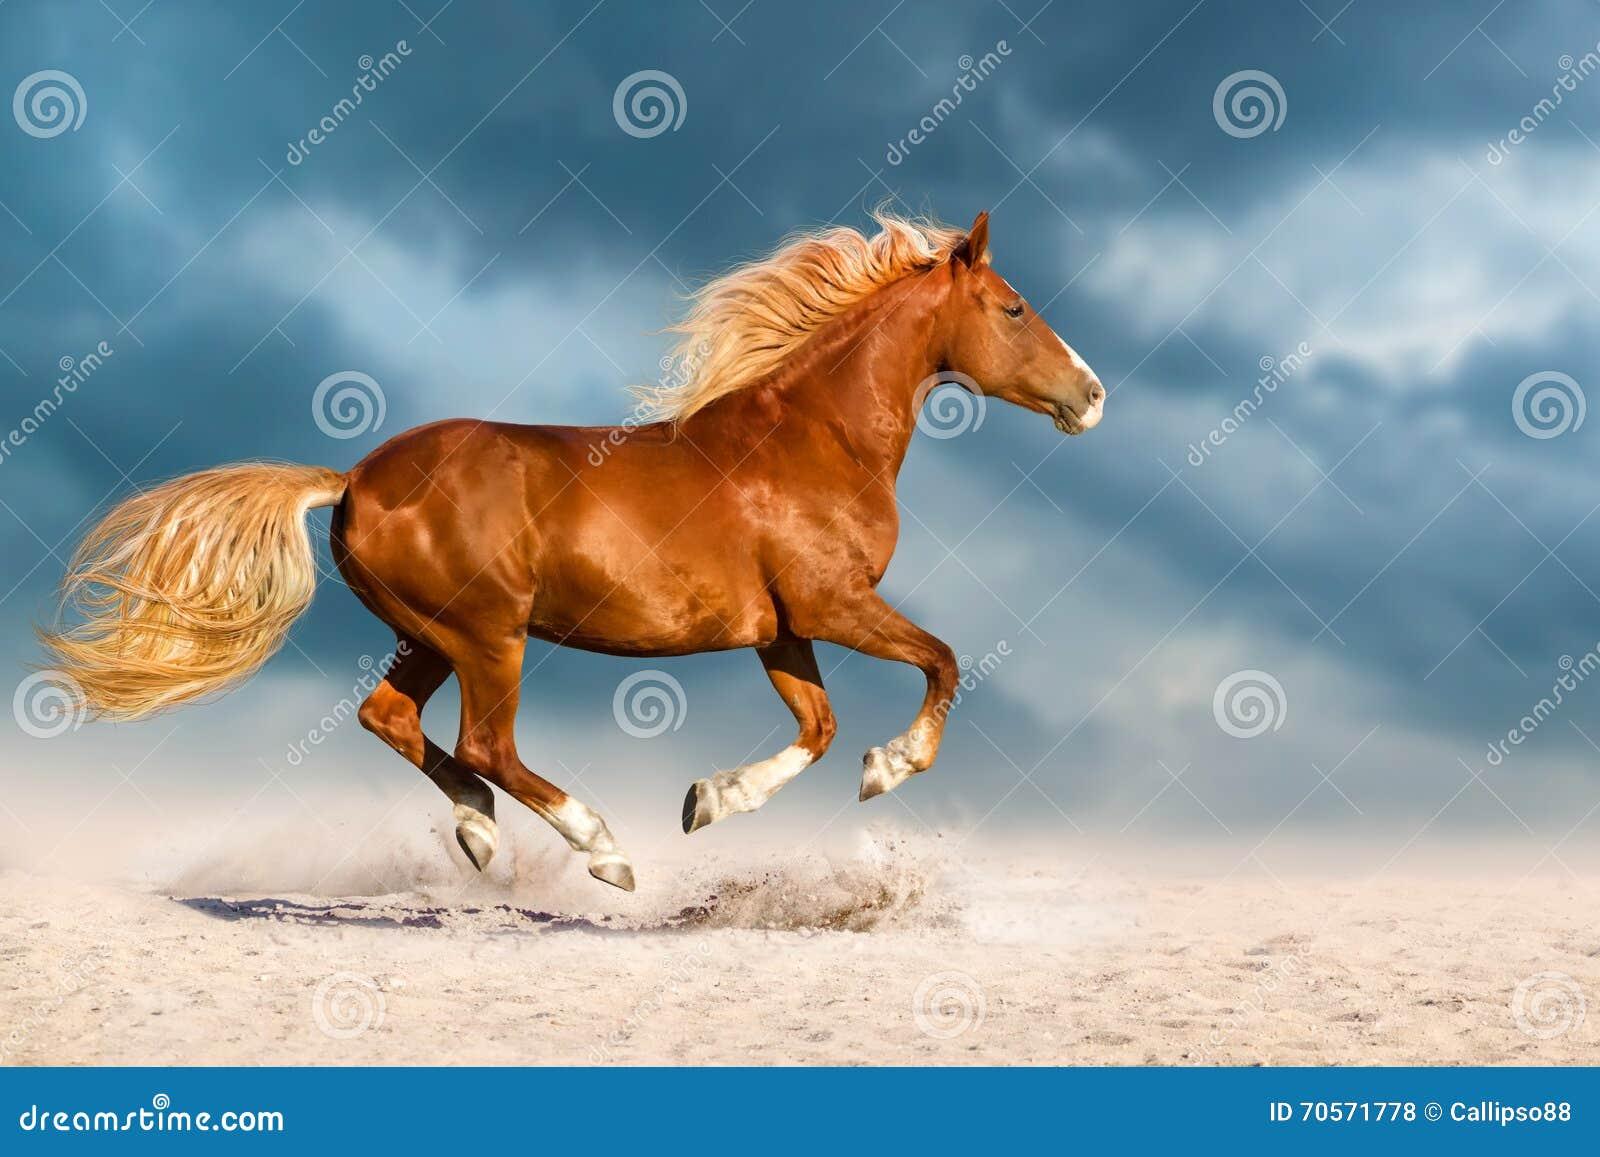 Czerwony konia bieg w pustyni